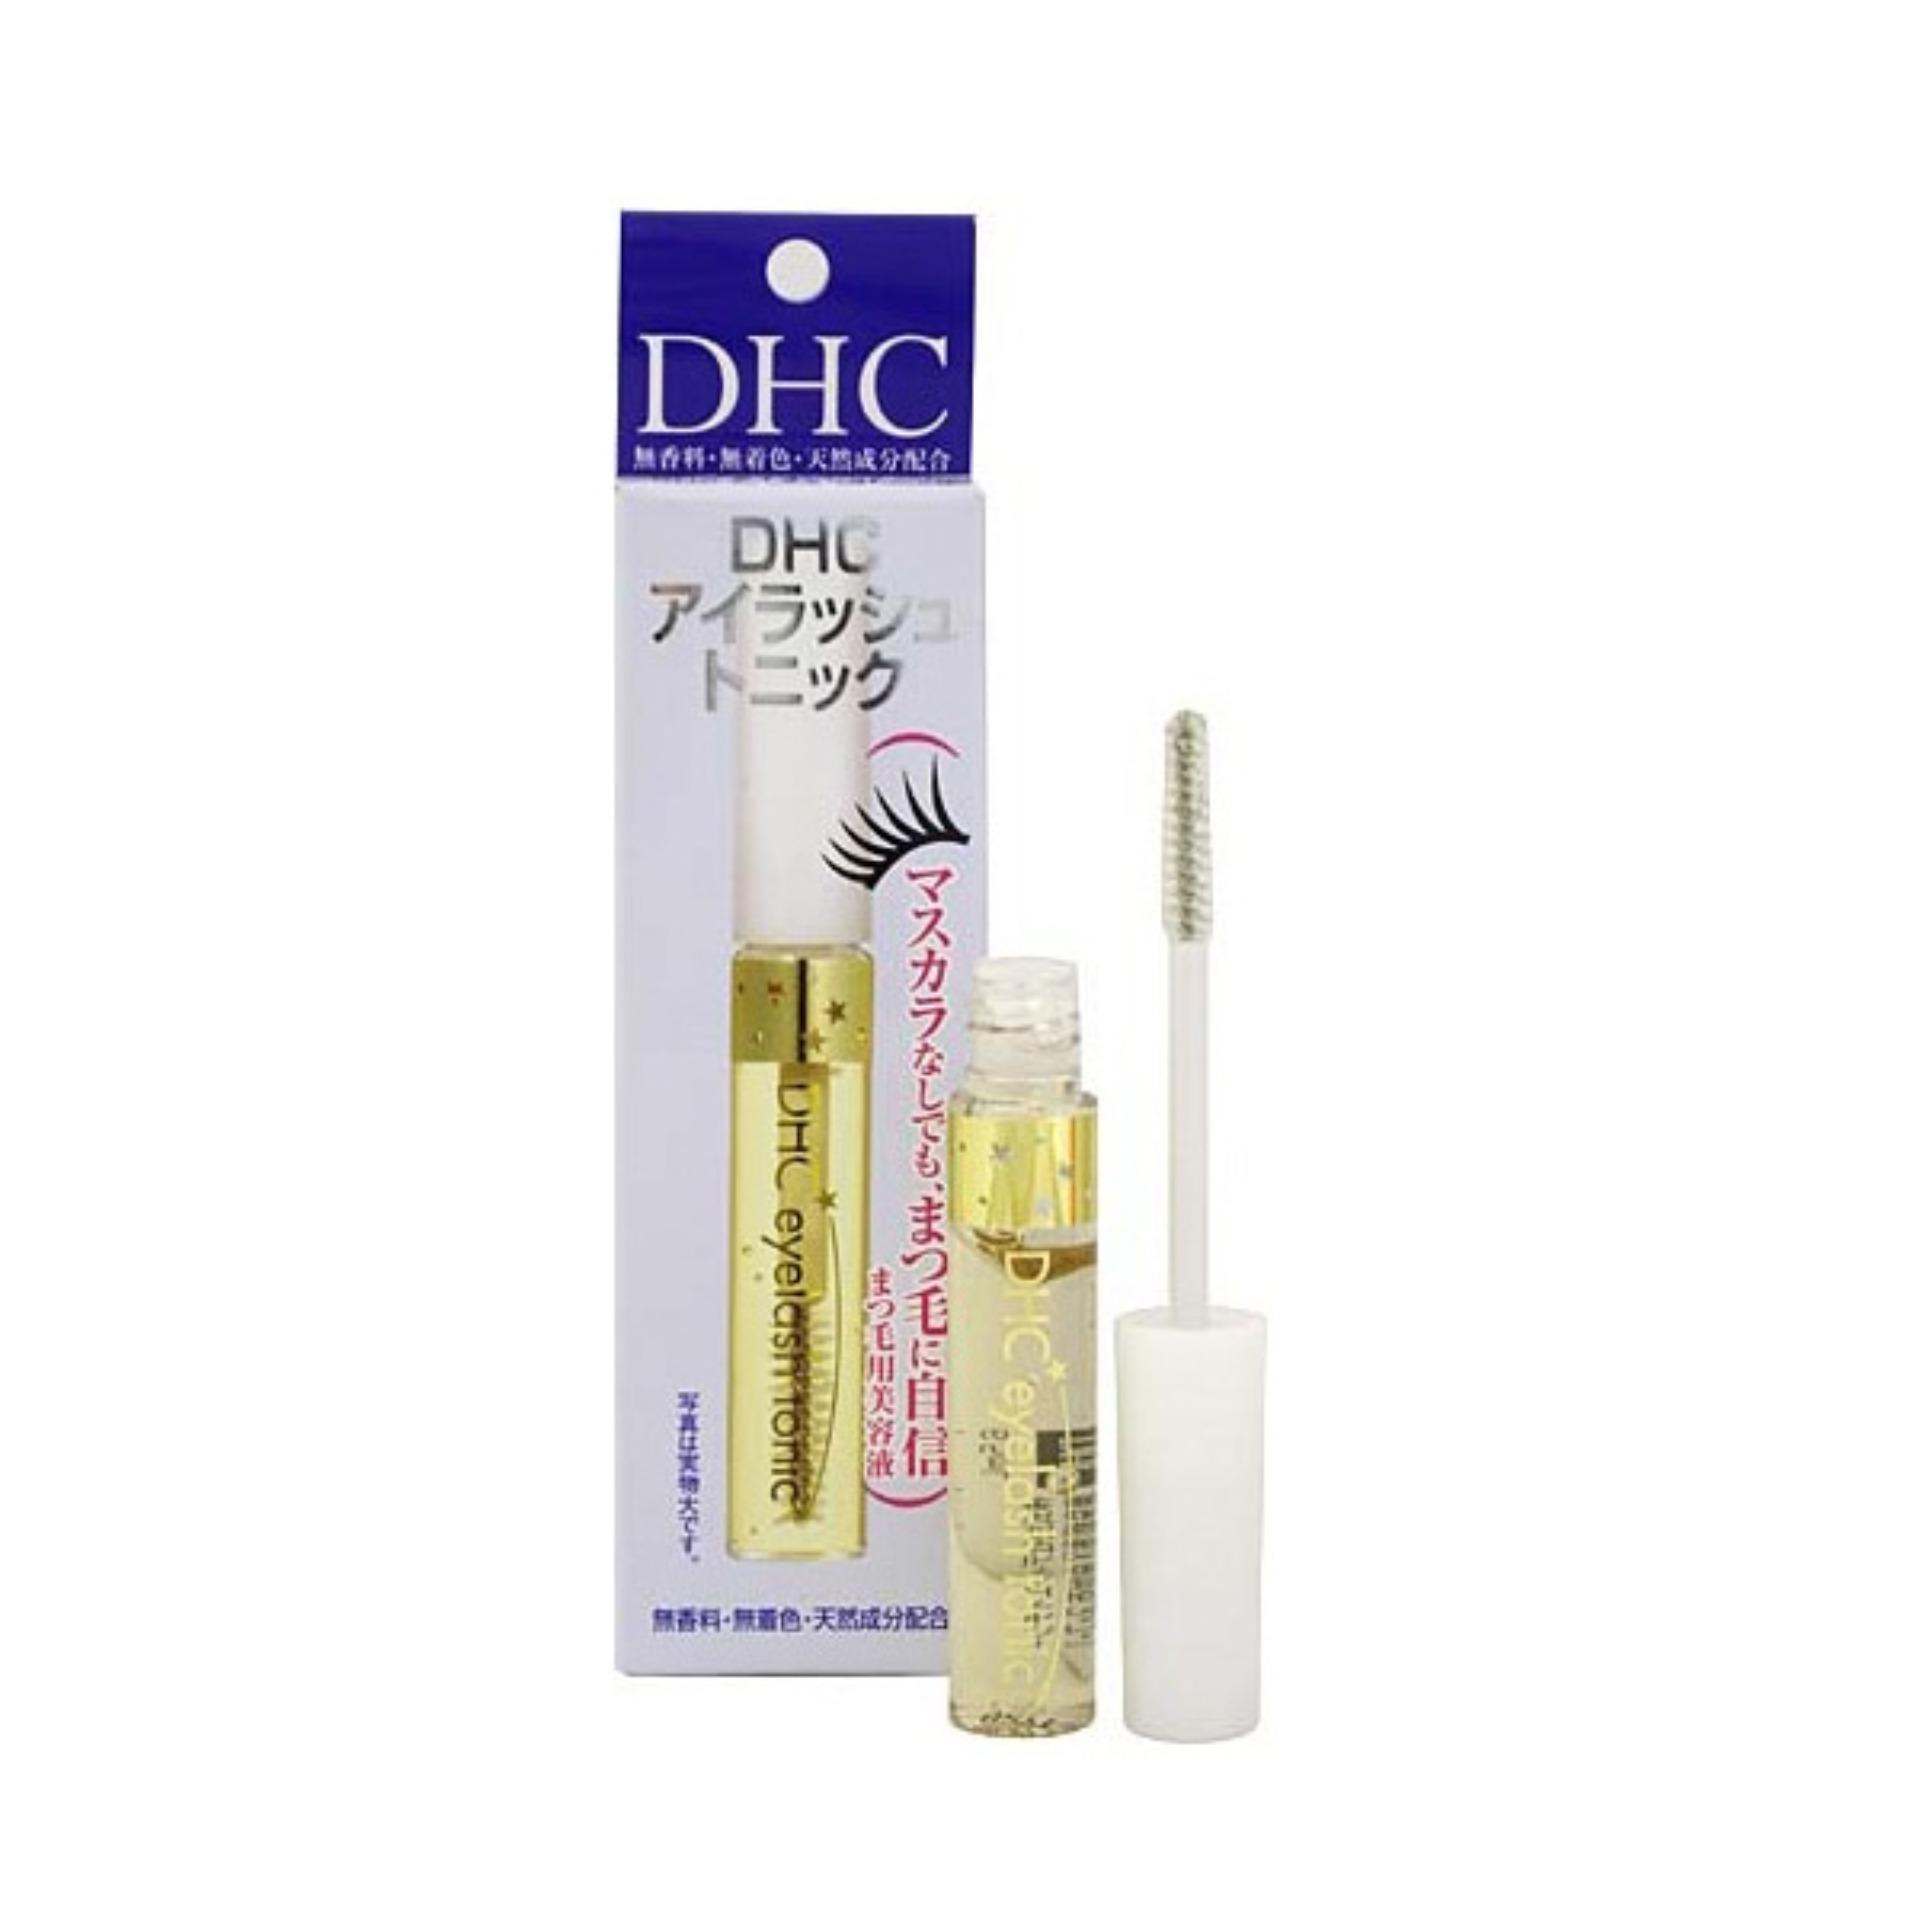 Relian DHC Eyelash Tonic Thick & Volume Beautify Eyelash - Serum Pemanjang Bulu Mata - 6,5 ml